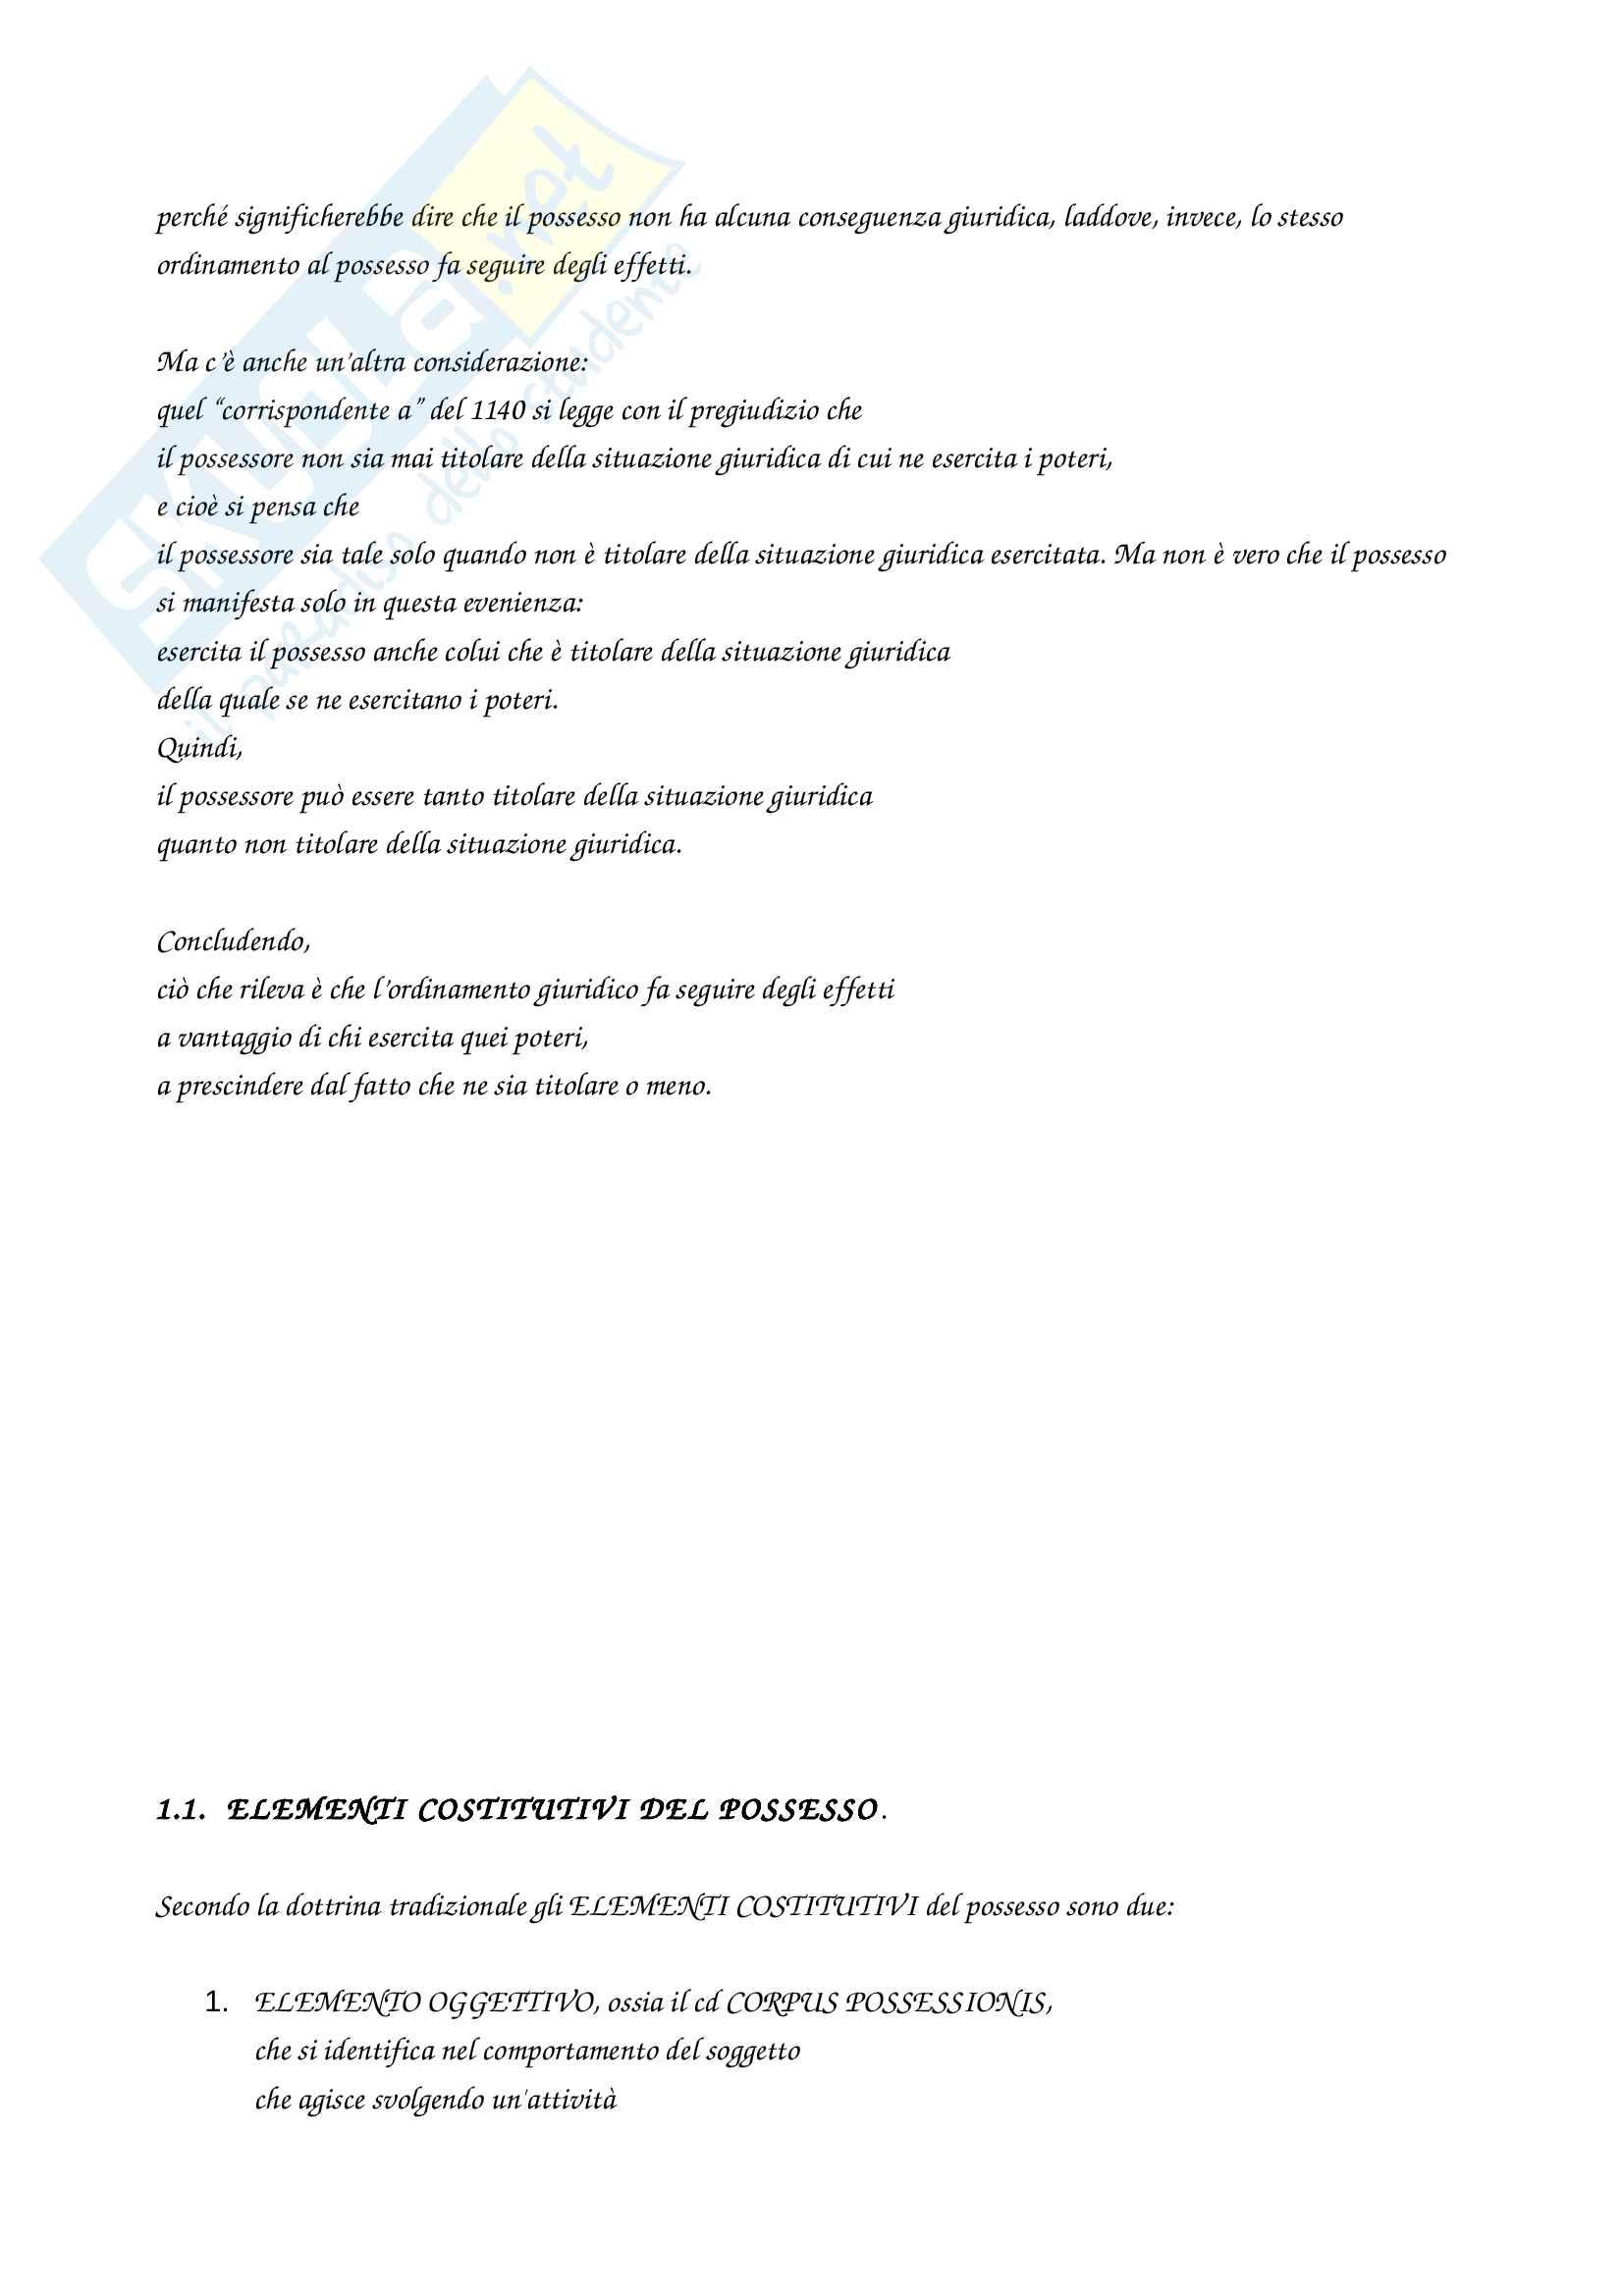 Riassunto esame di diritto privato, prof Caterini, libro consigliato Manuale di diritto civile di Perlingeri (Parte terza C., situazioni possessorie) Pag. 2